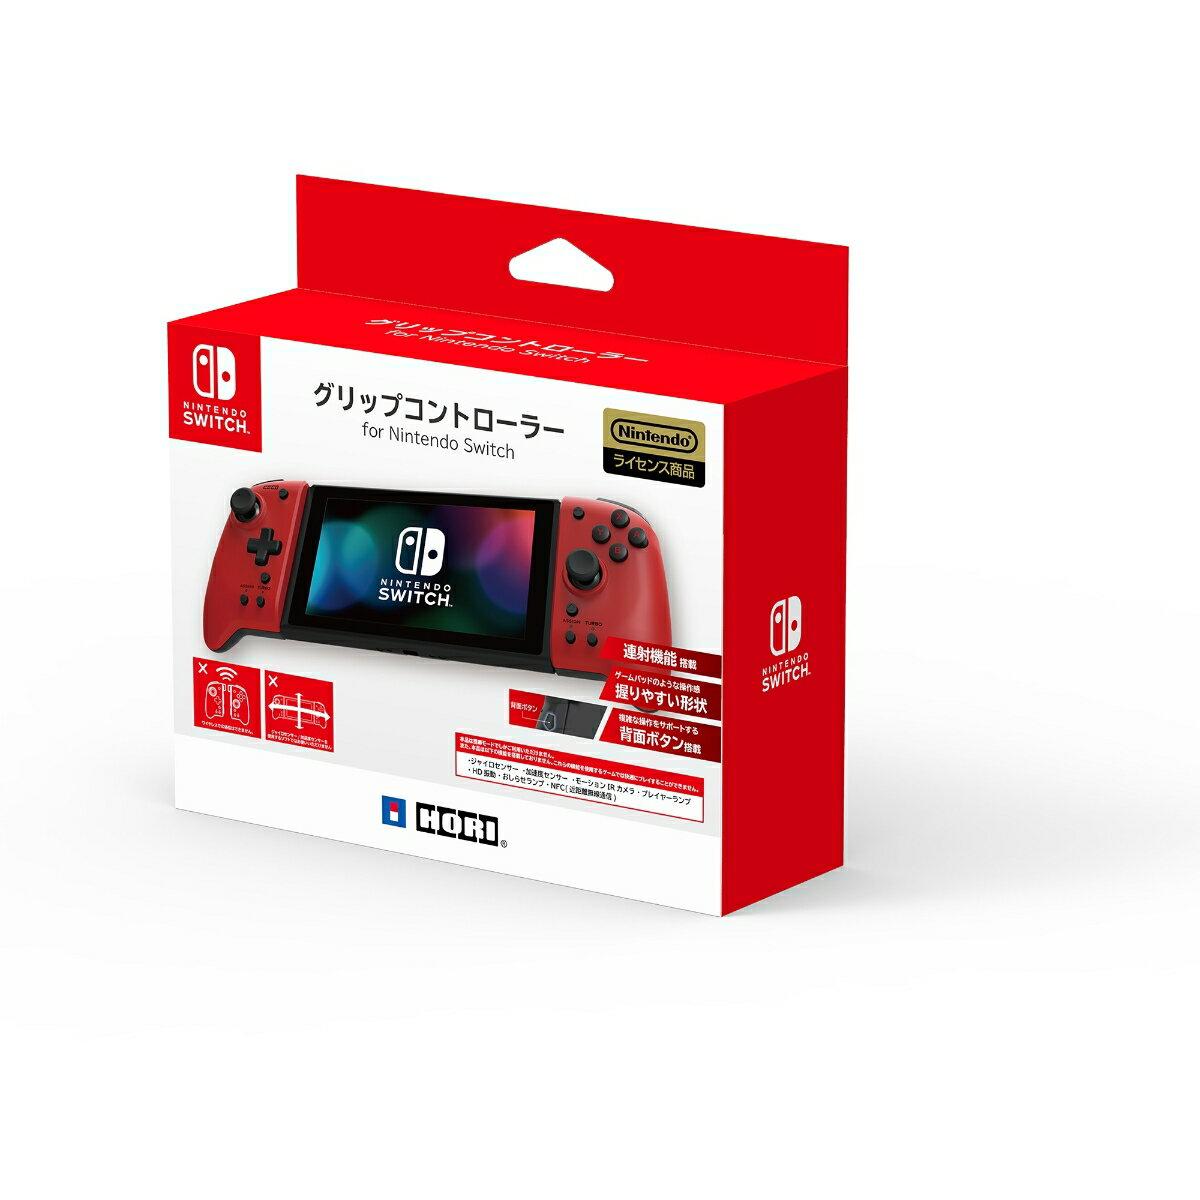 グリップコントローラー for Nintendo Switch レッド